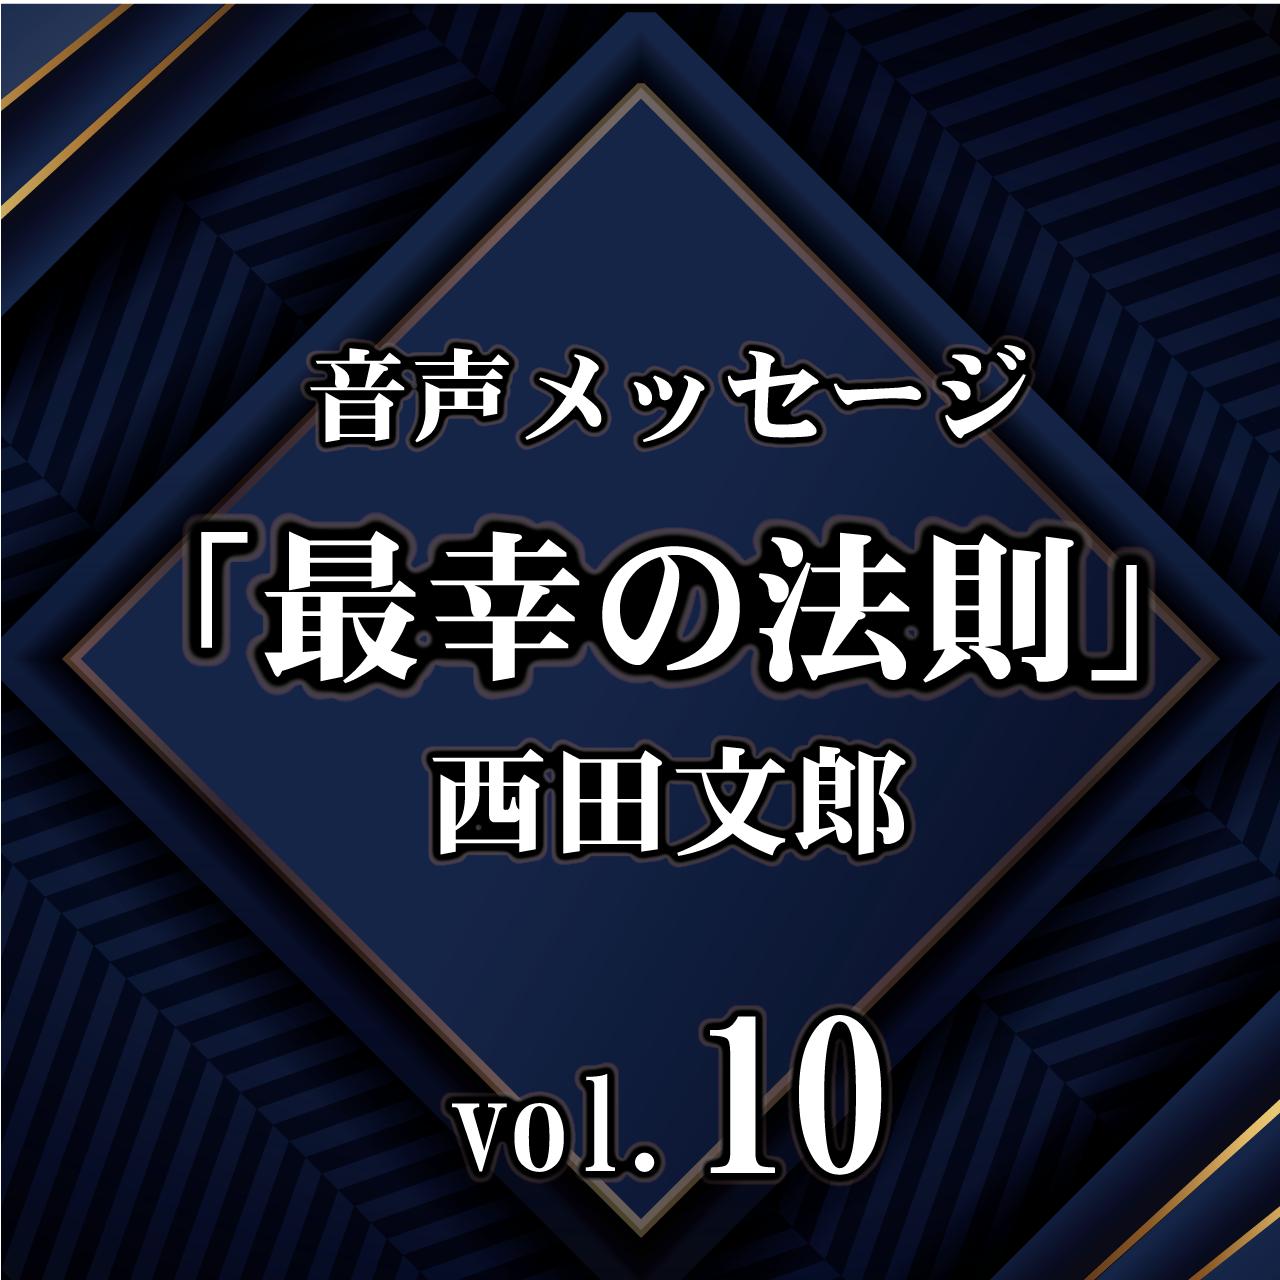 西田文郎 音声メッセージvol.10『最幸の法則』